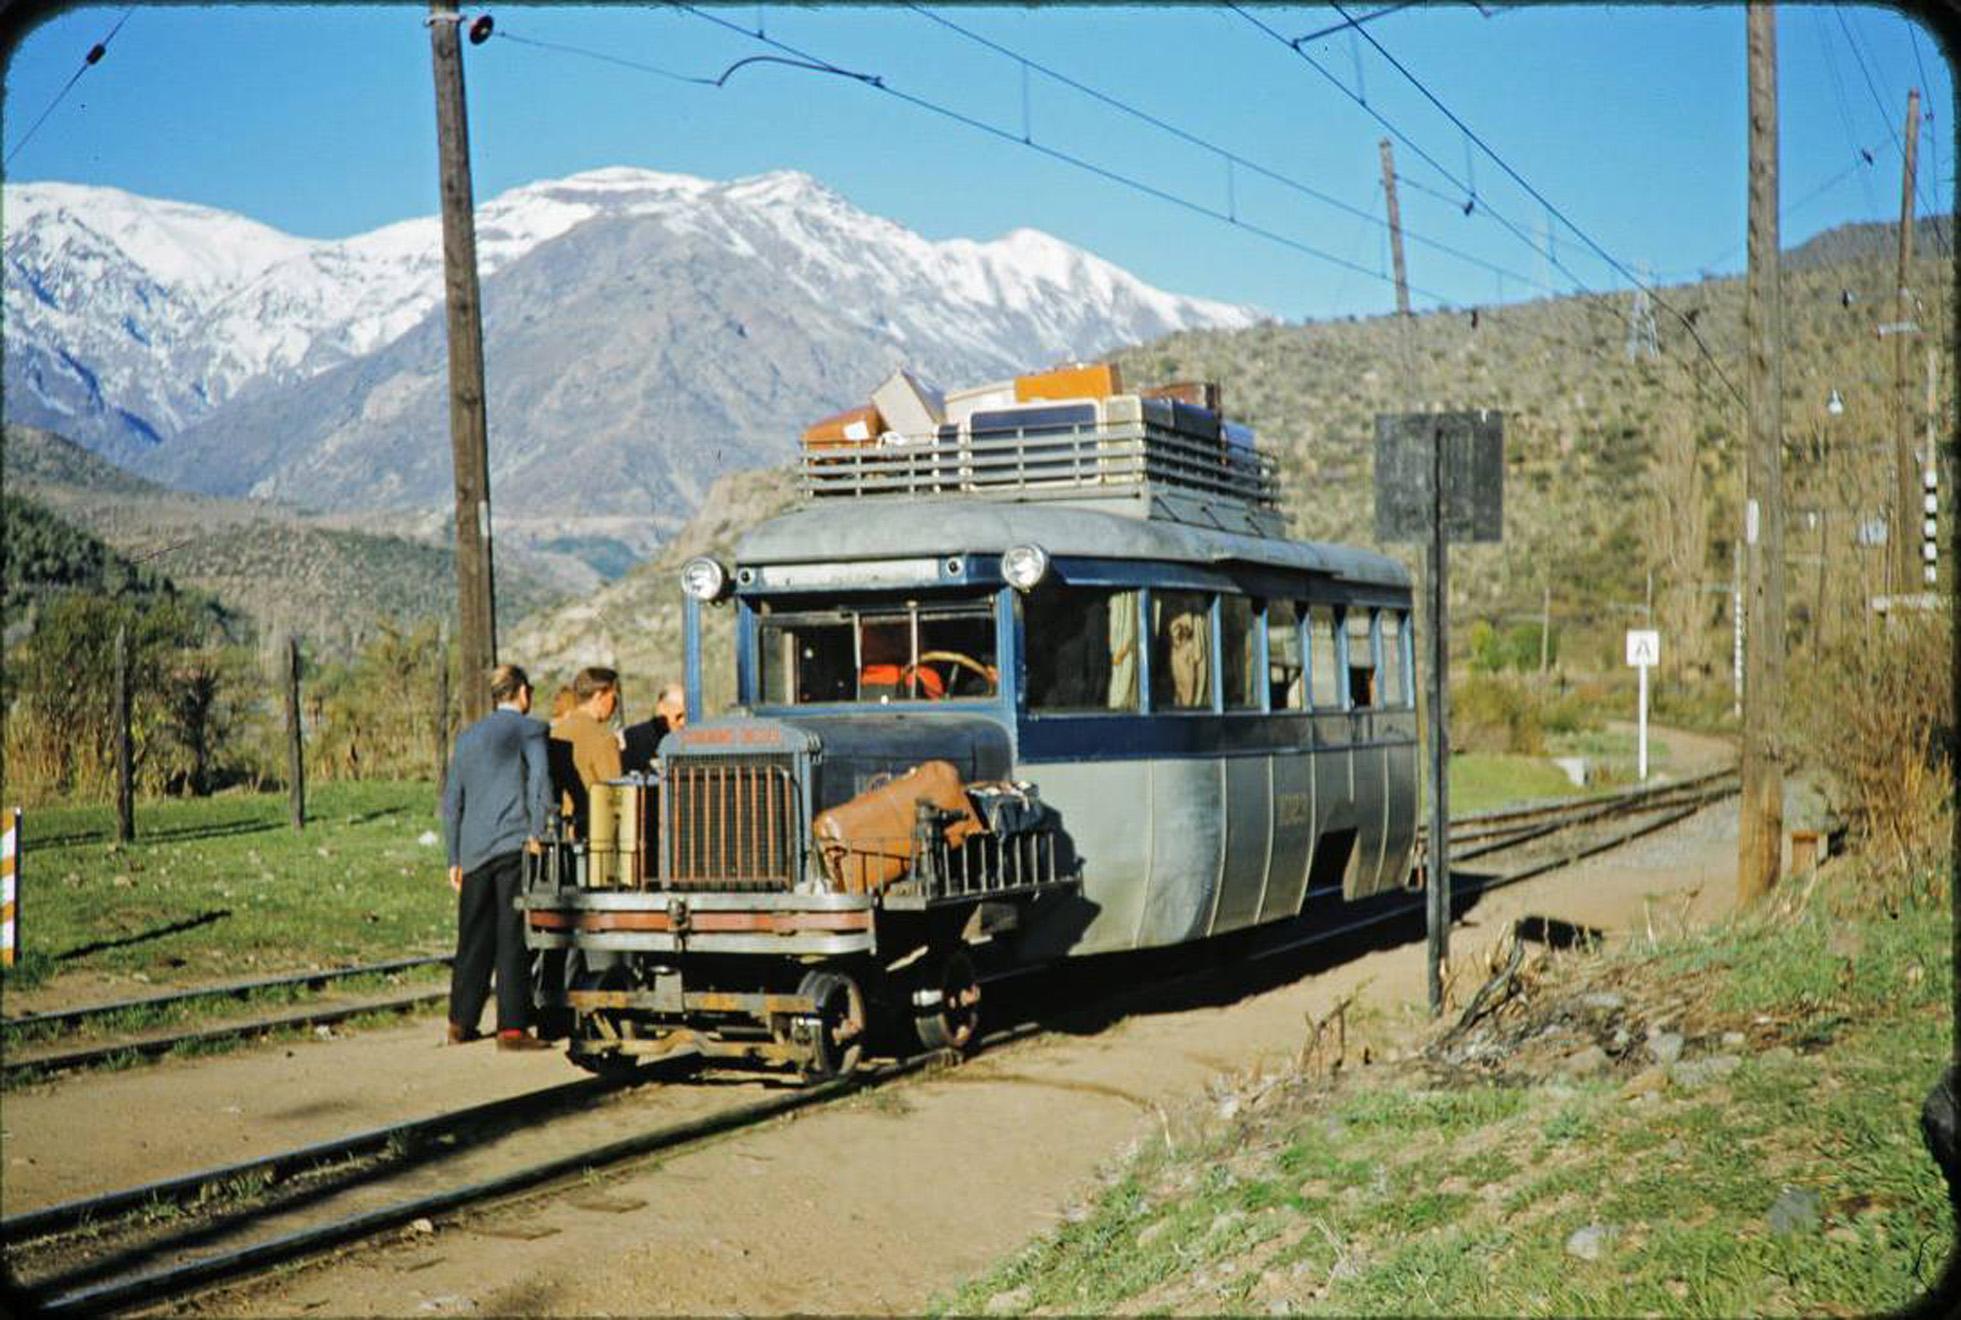 Enterreno - Fotos históricas de chile - fotos antiguas de Chile - Bus-carril de Los Andes en 1962